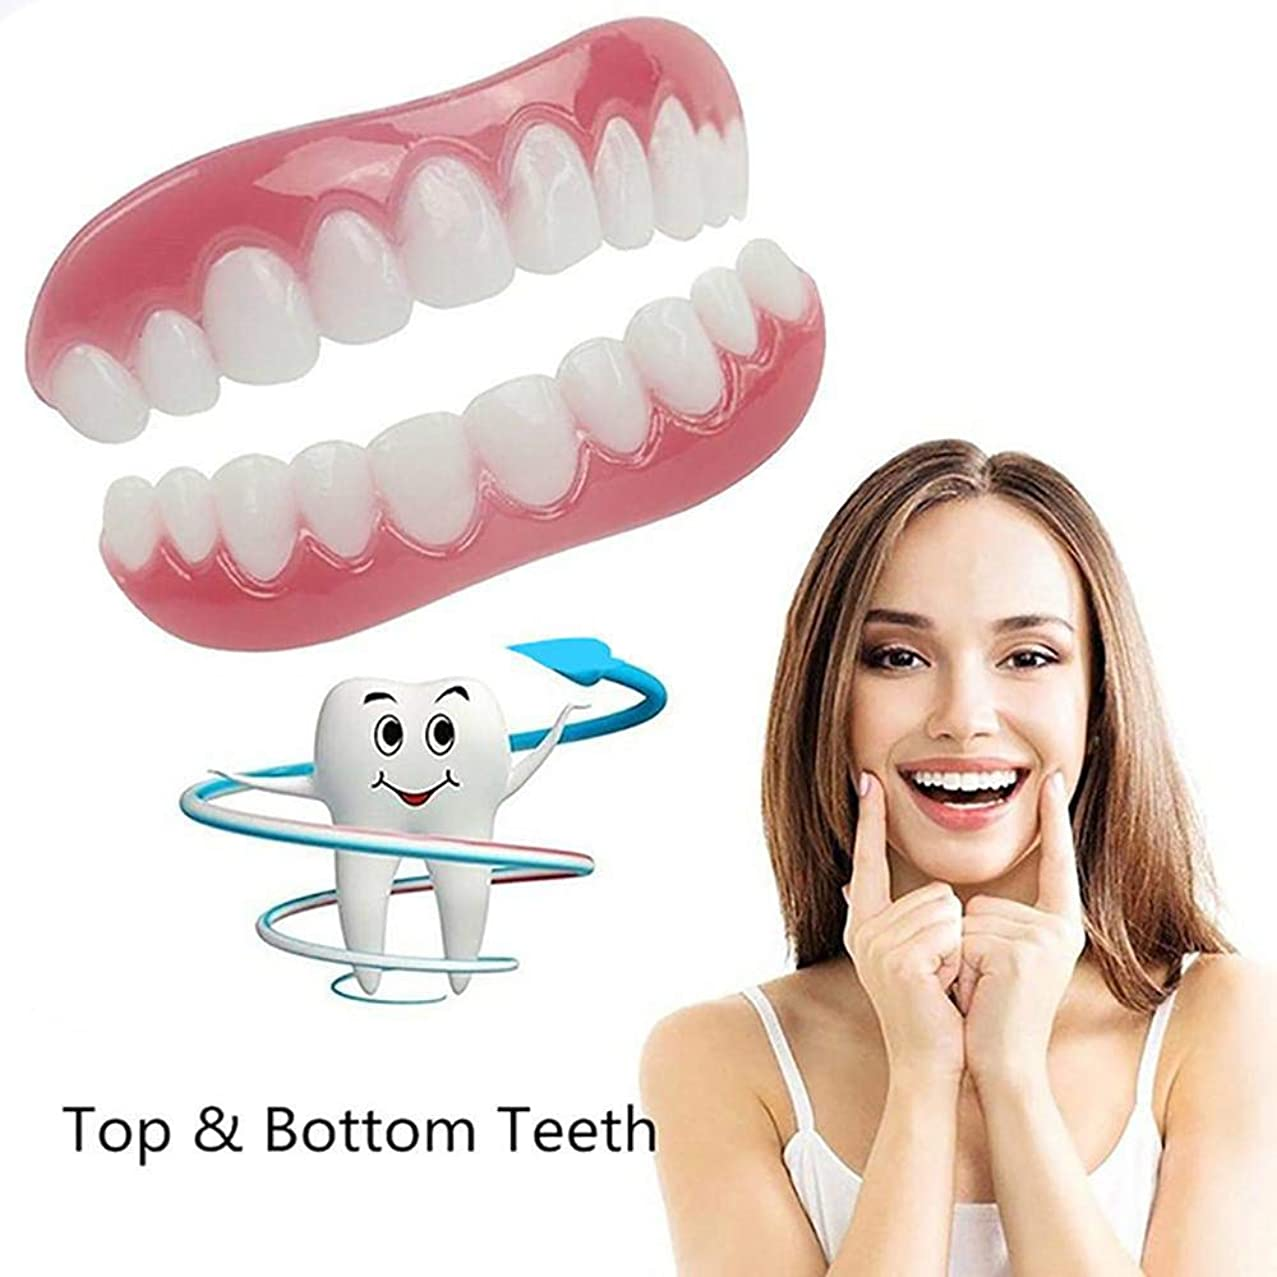 ドアミラーリズミカルな本物の義歯義歯上下上下義歯インスタントスマイルコンフォートフィットフレックス化粧品歯のトップ化粧品突き板箱入り,11Pairs